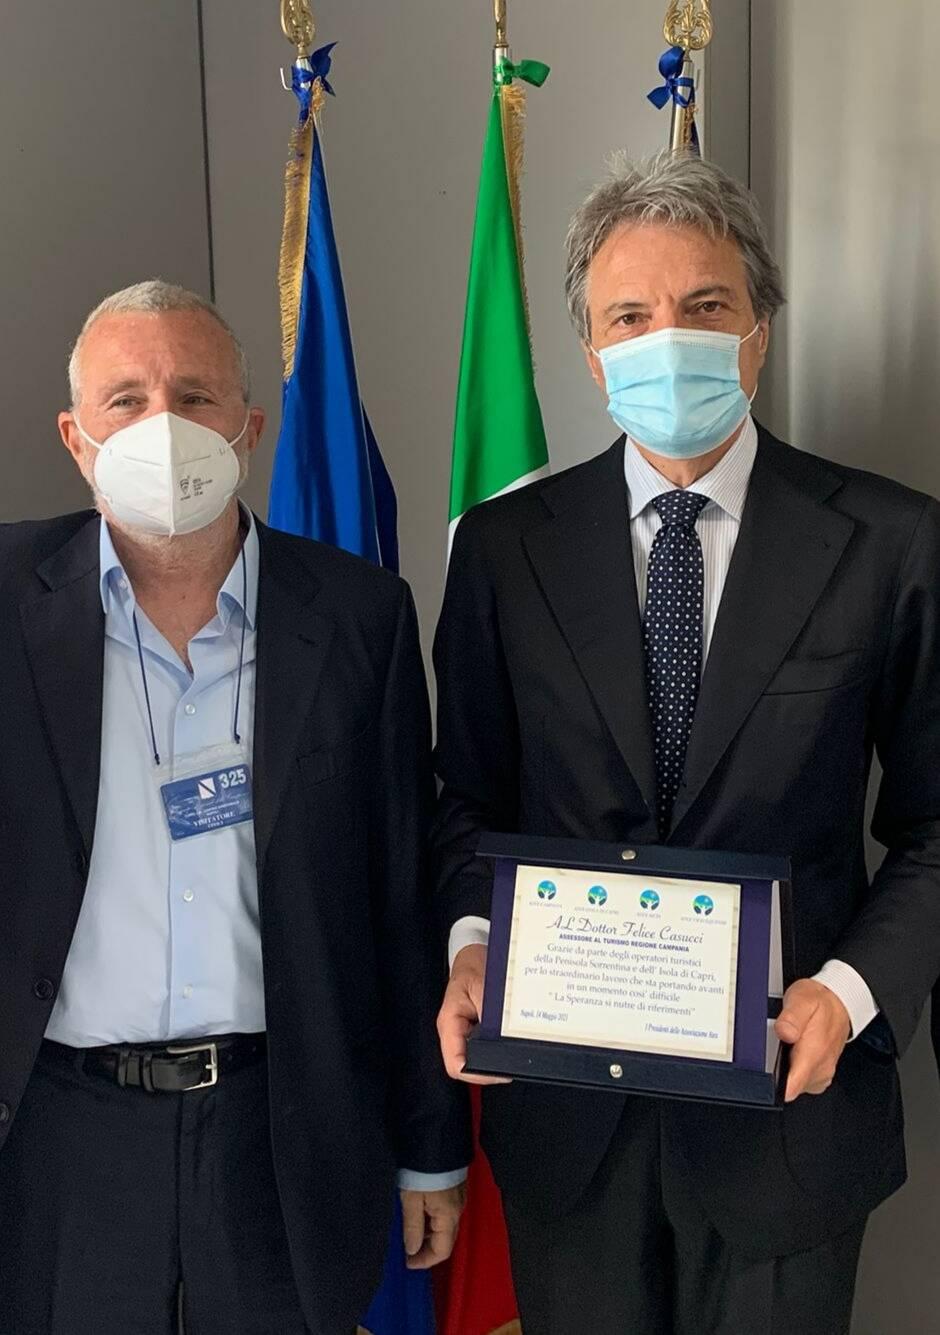 Atex, l'incontro con l'Assessore Regionale al Turismo Felice Casucci